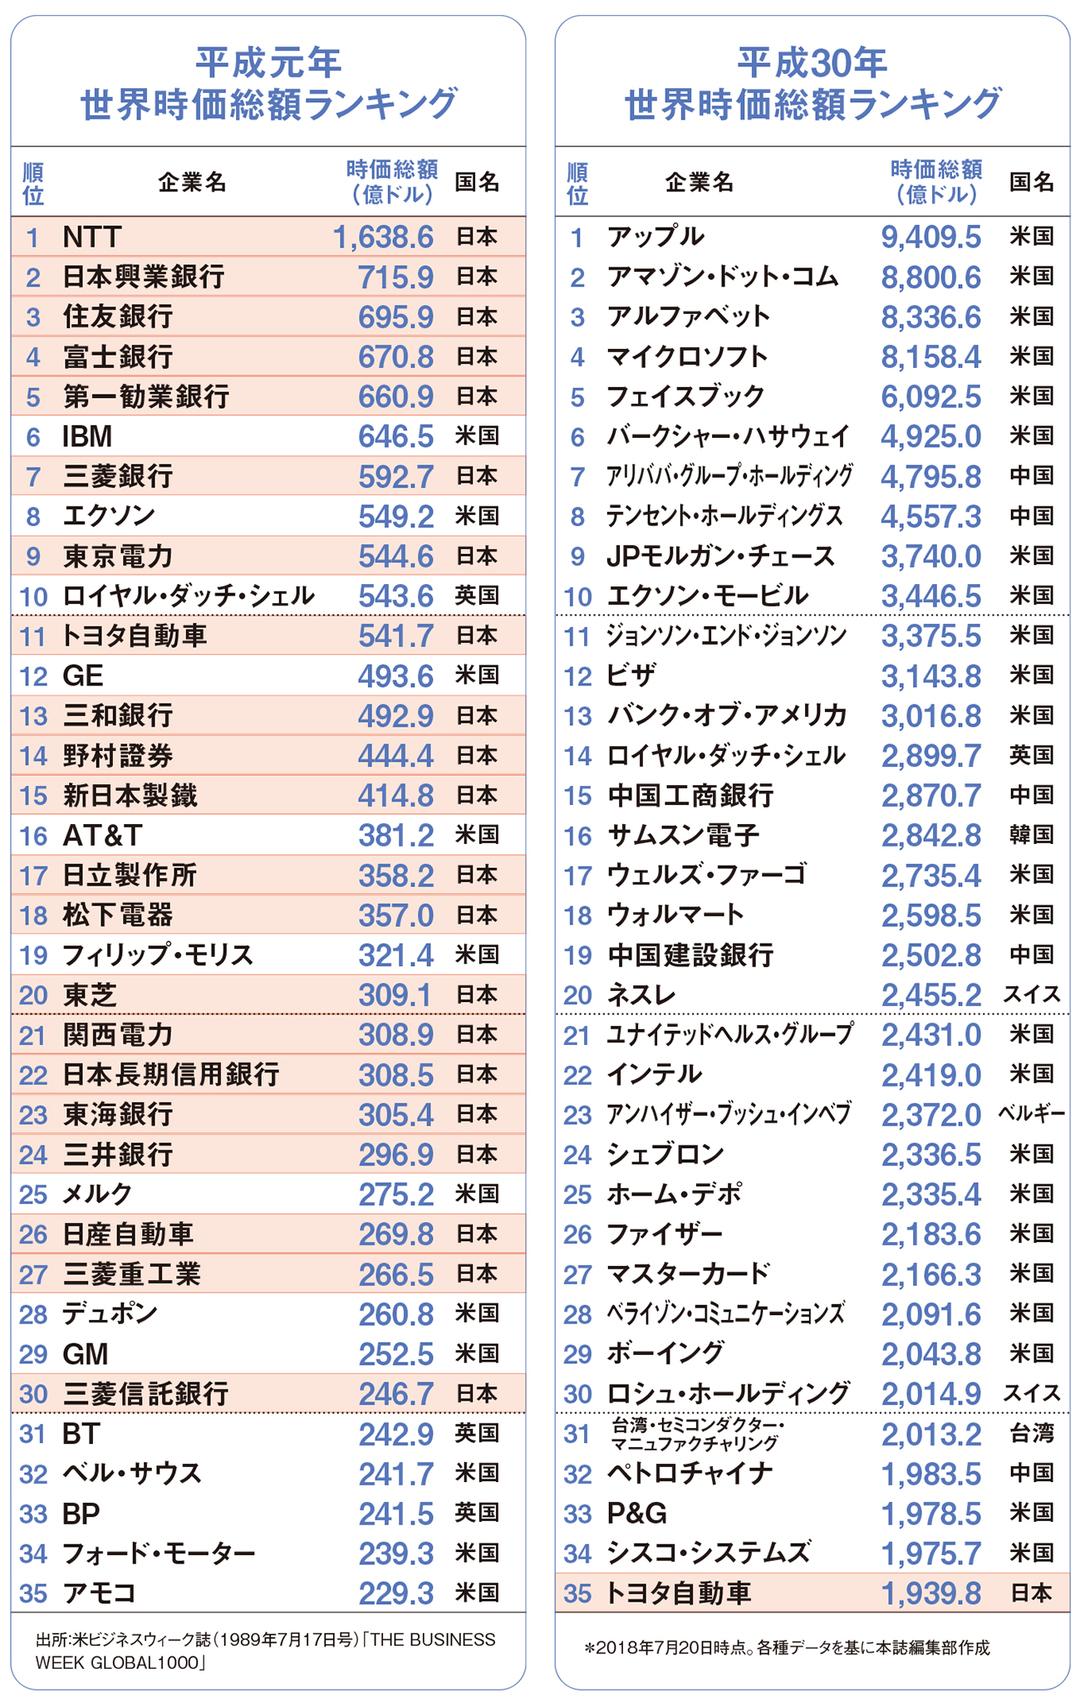 日本が新たな需要を生めなくなった一因は「論理偏重」だ